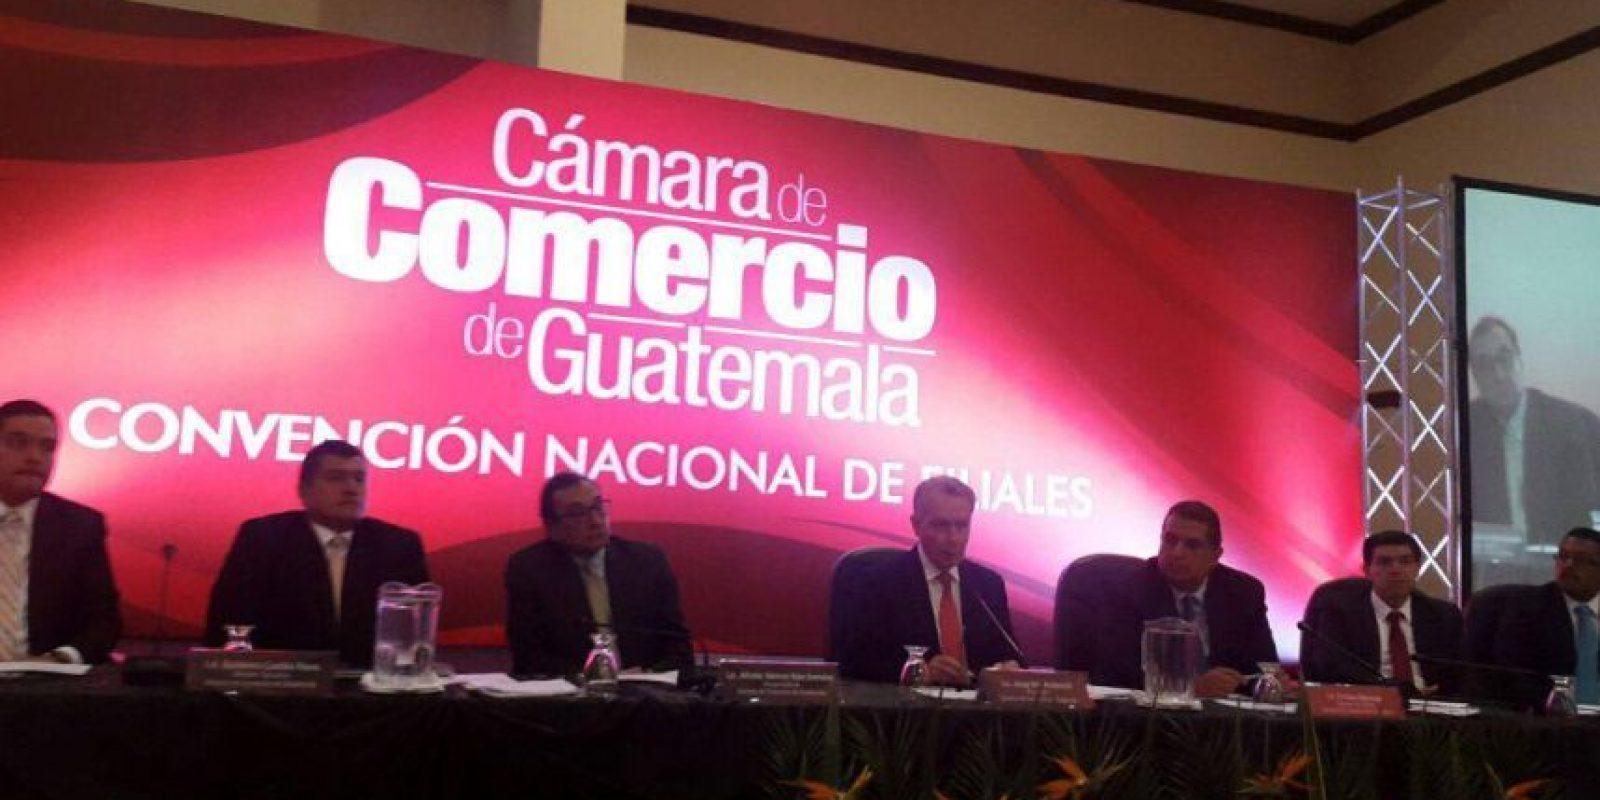 Foto:Cámara de Comercio de Guatemala